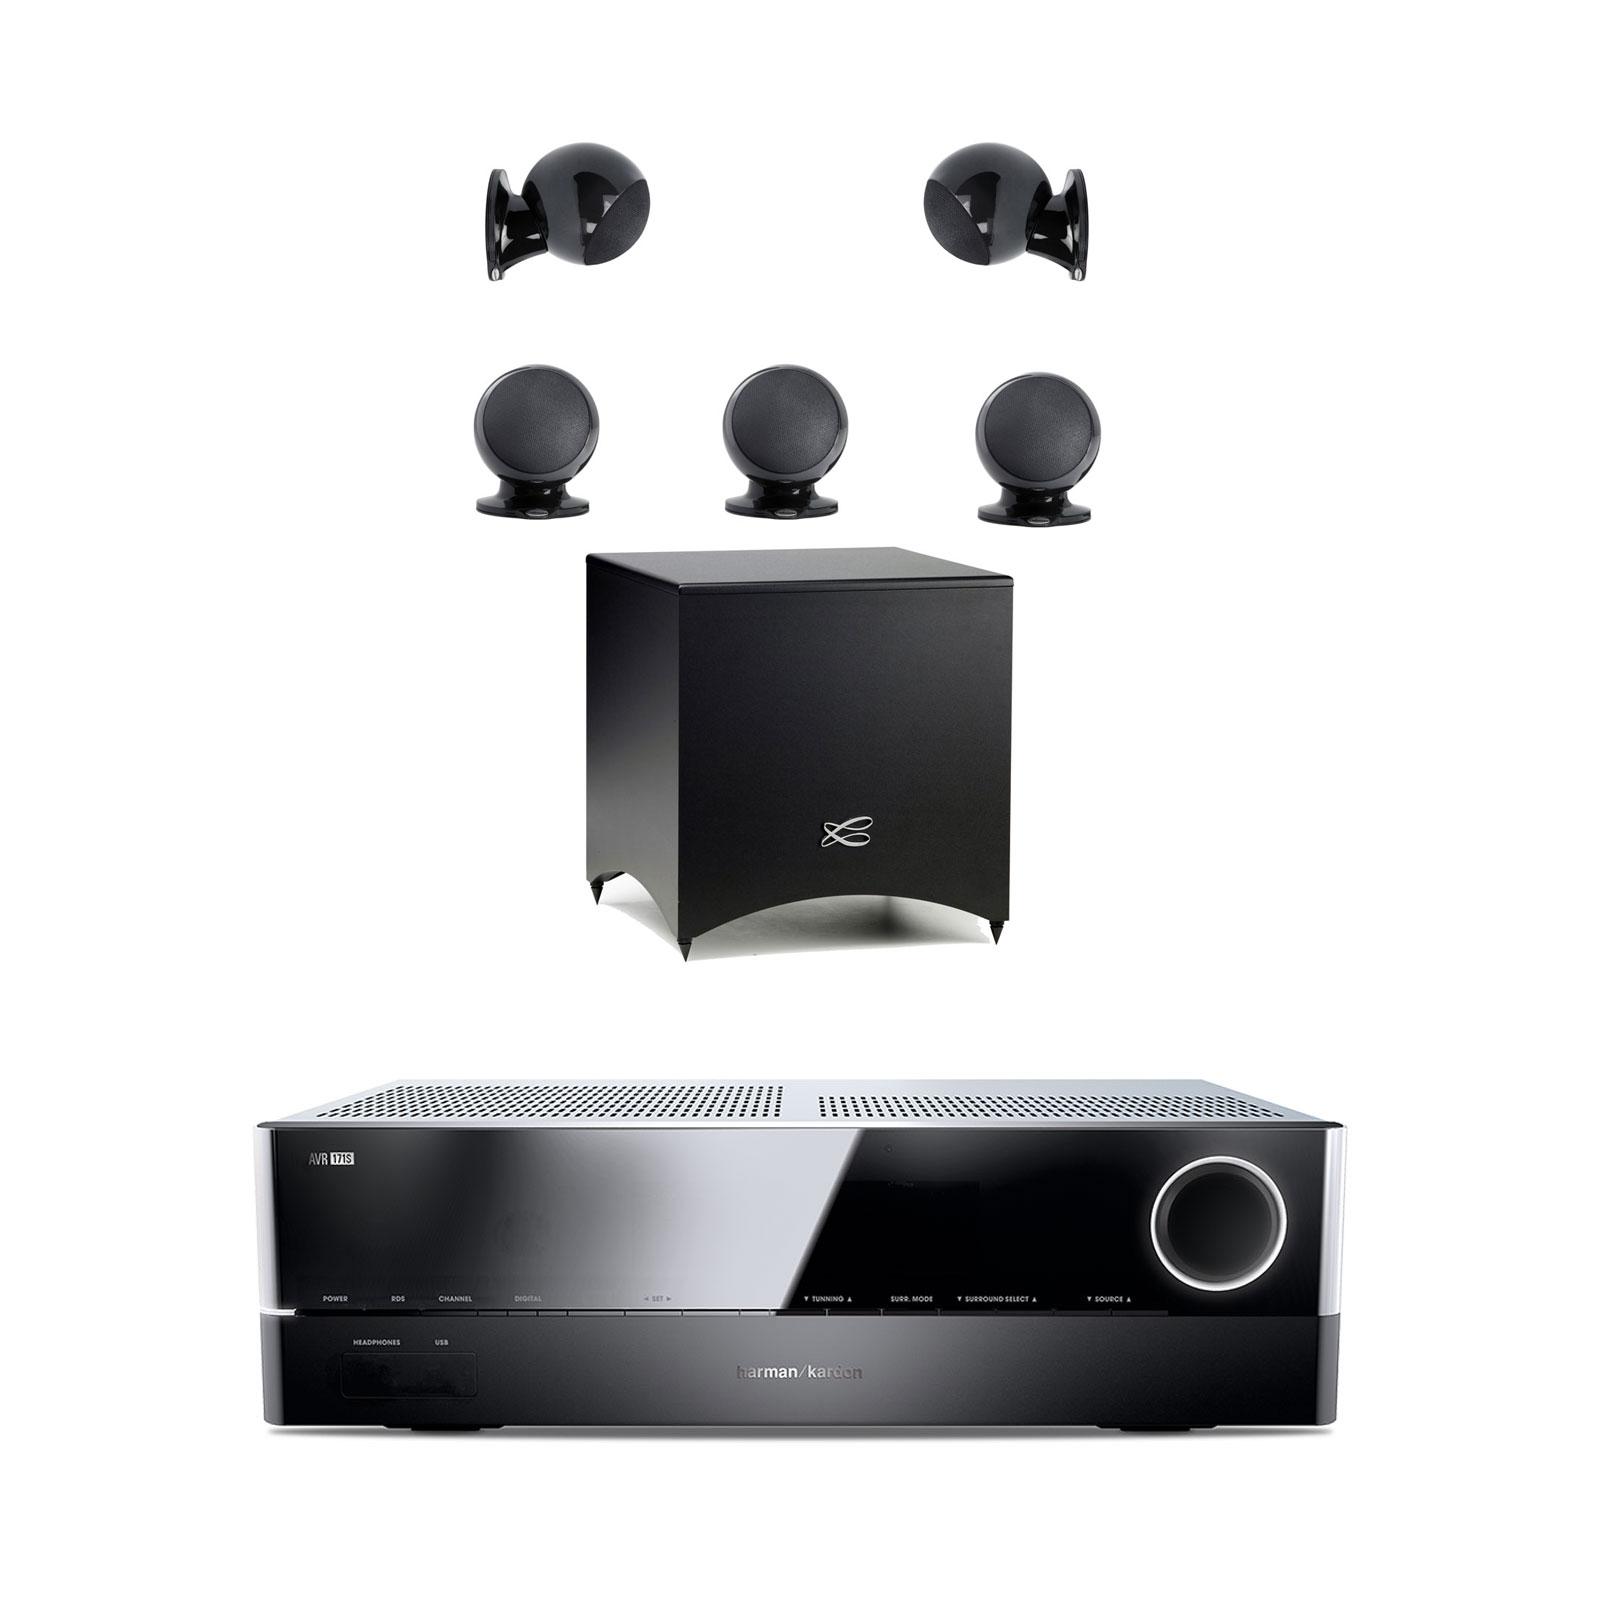 Ensemble home cinéma Harman Kardon AVR 171S + Cabasse Alcyone 2 Pack 5.1 Noir Amplificateur 7.2 - 100 W DLNA Bluetooth Spotify HDMI + Pack d'enceintes 5.1